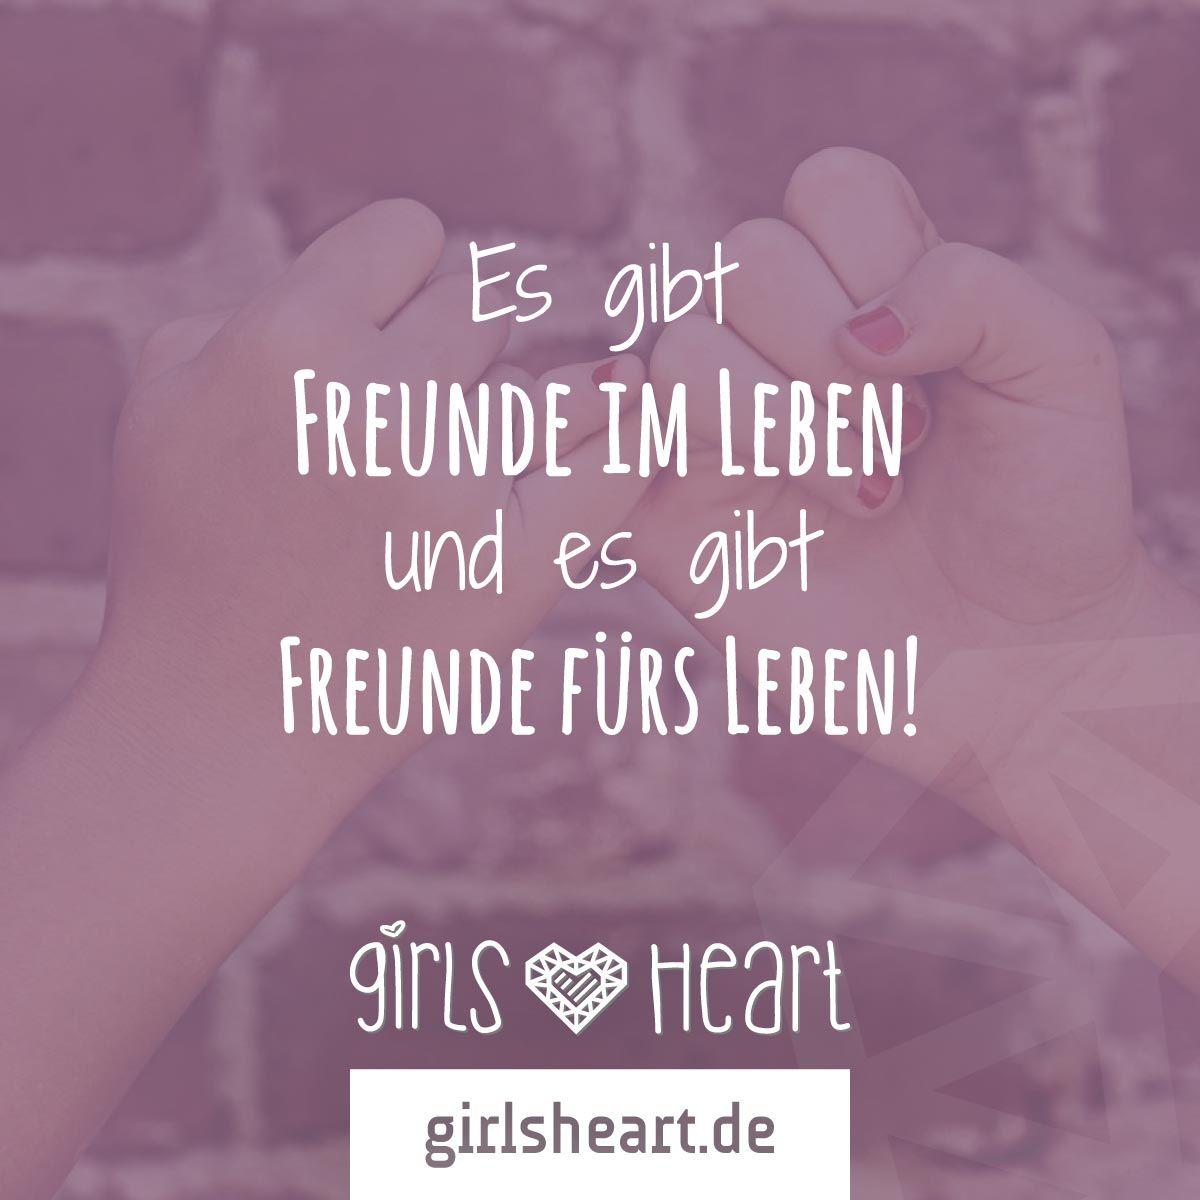 sprüche freundschaft leben Freunde fürs Leben | SuNsHiNe ☀   | Friendship Quotes, Quotes und  sprüche freundschaft leben